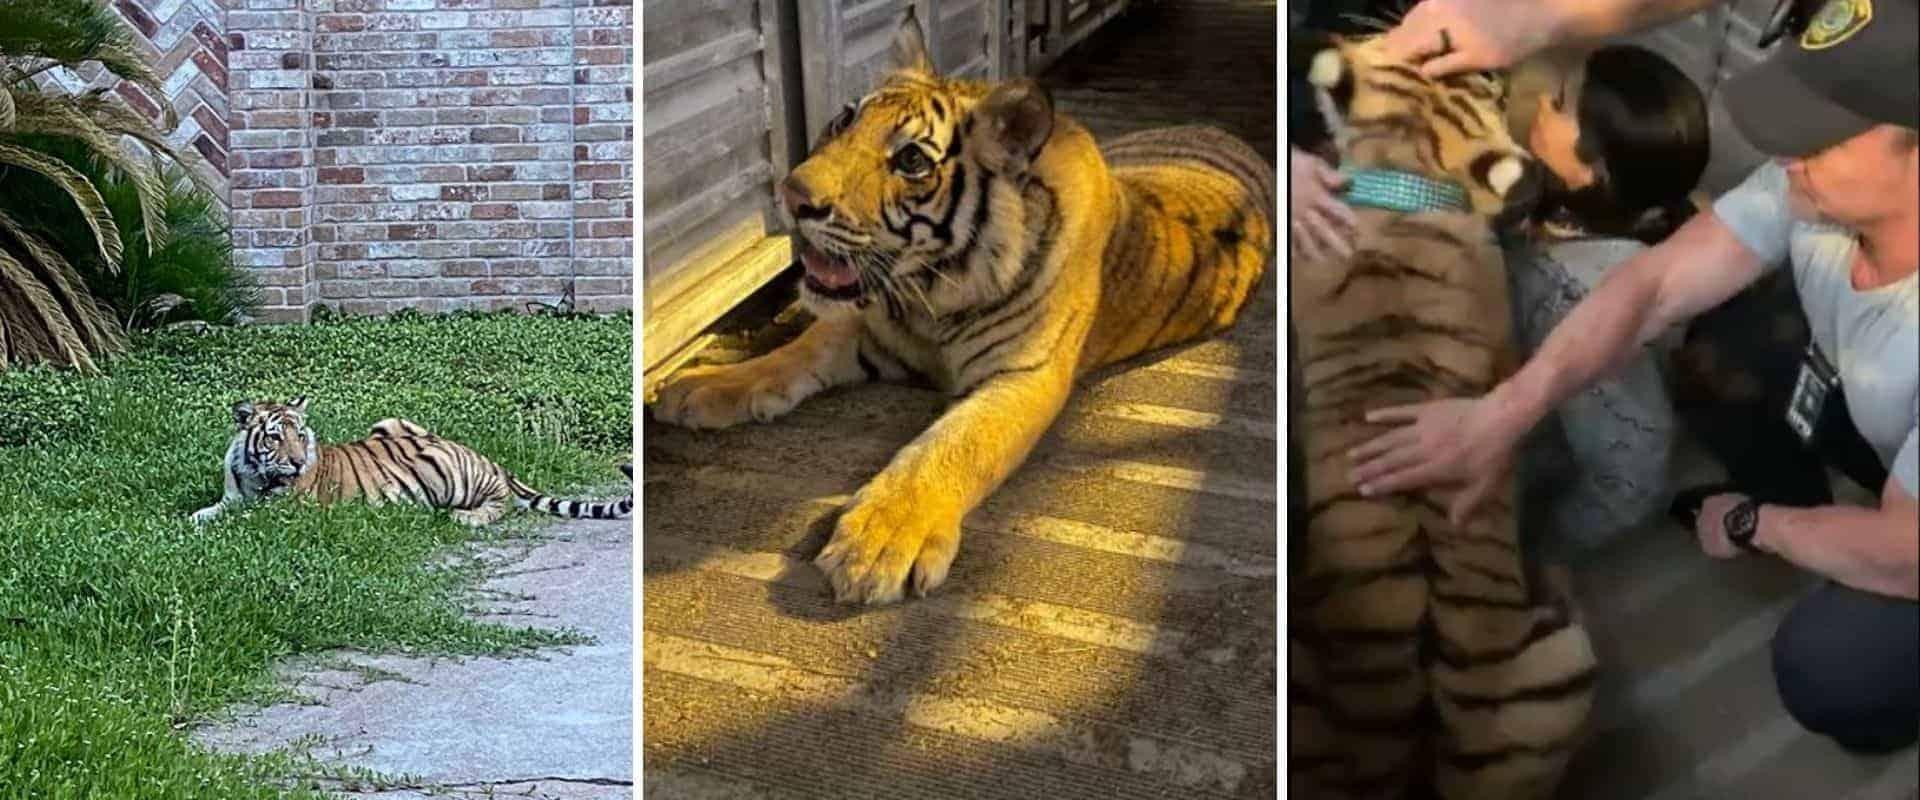 Finalmente apareció el tigre que andaba suelto por el vecindario de Houston, Texas